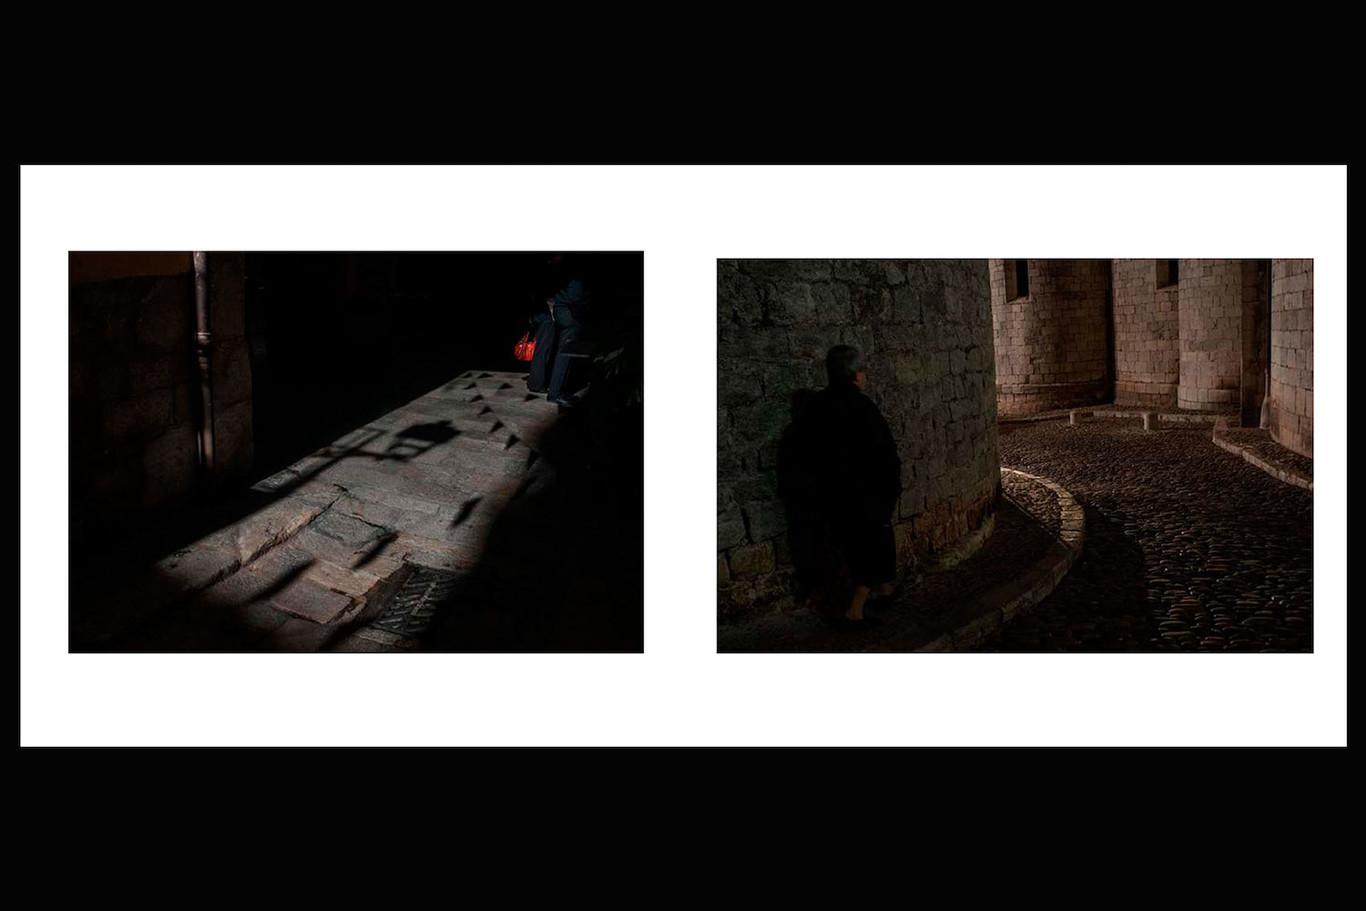 'Legenda Gerundae', de Marcelo Caballero: un libro fotográfico sobre leyendas y misterios en el casco antiguo de Girona